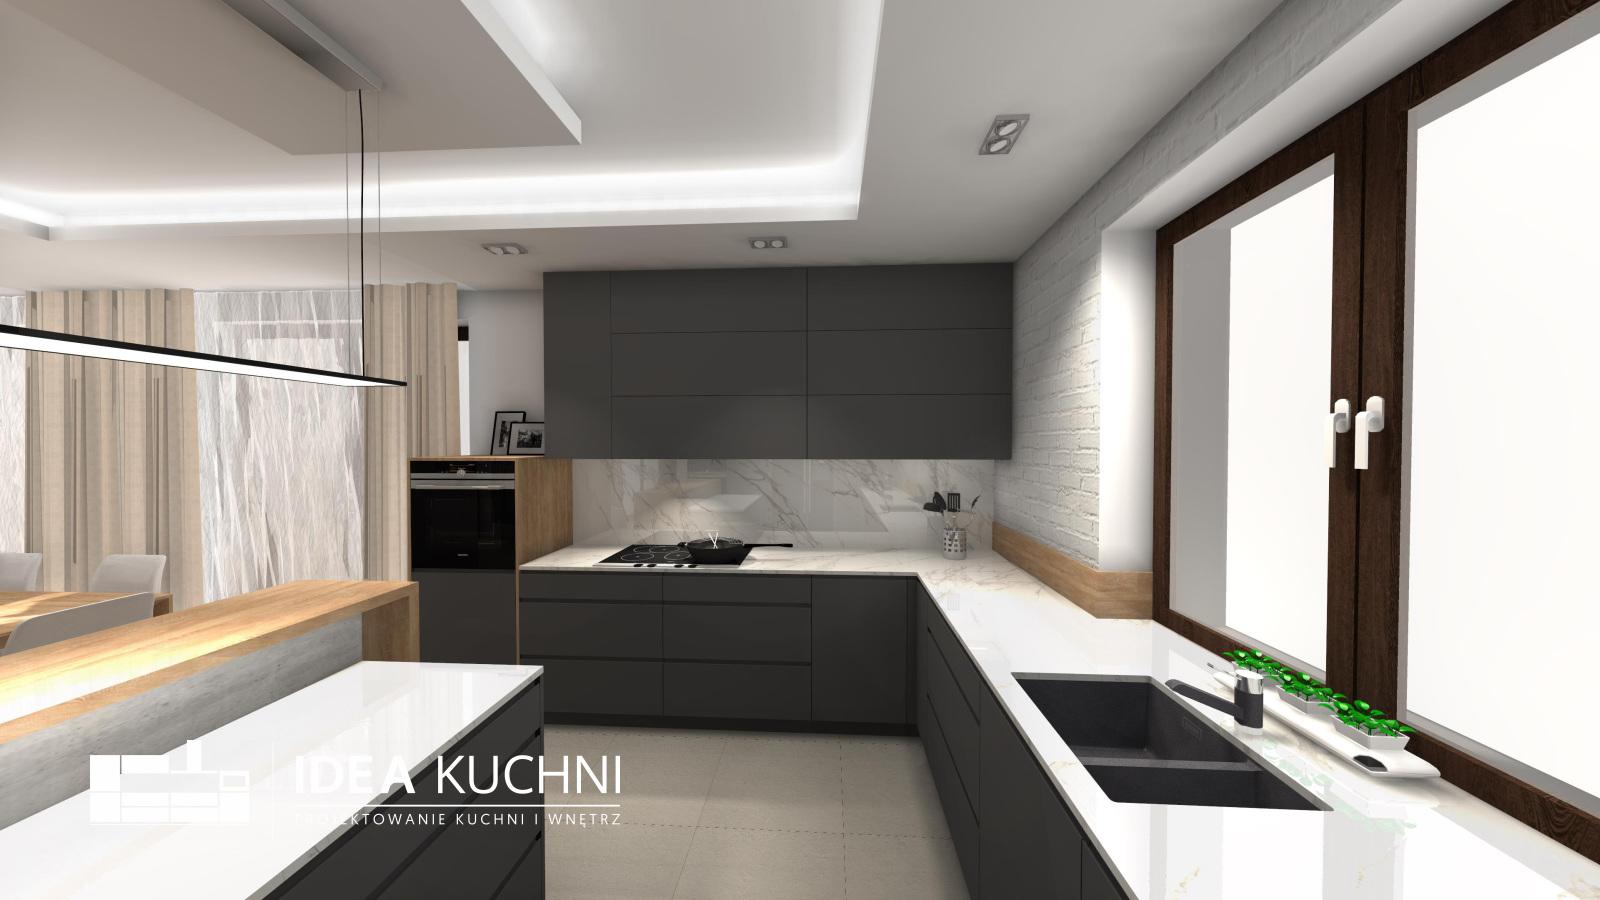 Projekt kuchni i salonu - nowoczesny styl - Chotomów